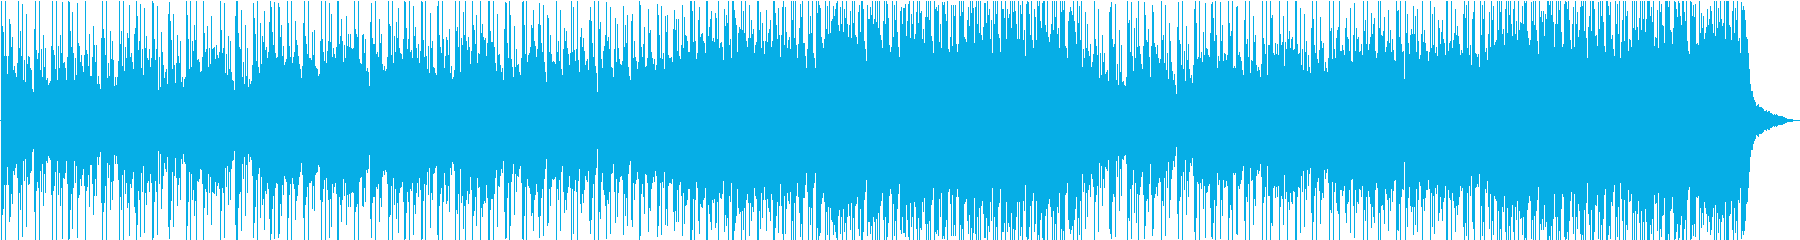 ややダークでドラマチックなR&B系ポップの再生済みの波形